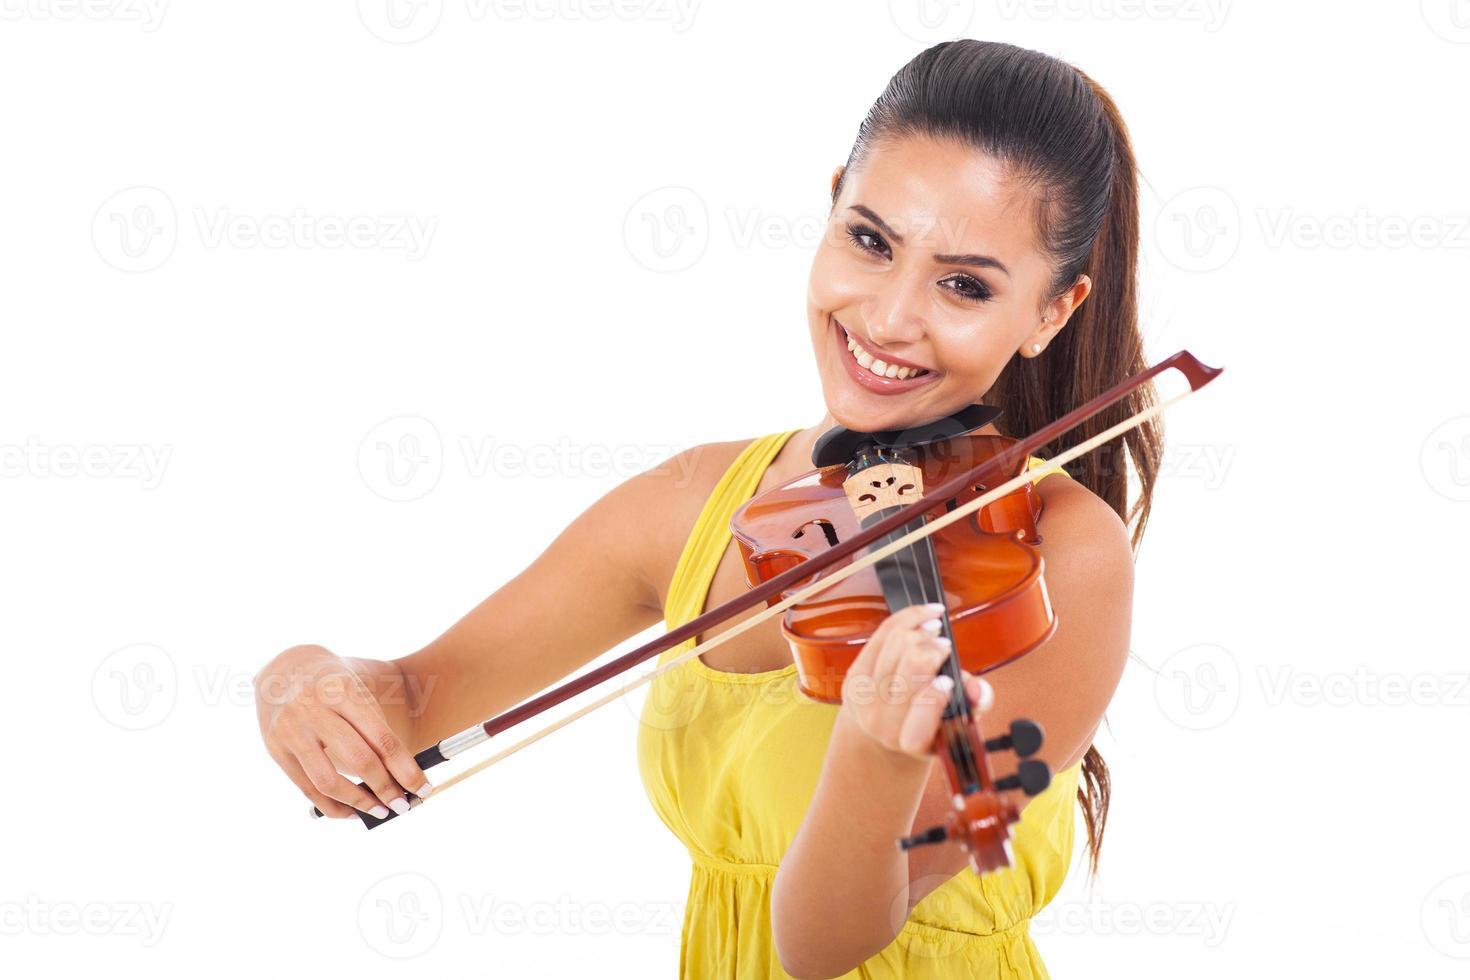 femme joyeuse, jouer du violon photo